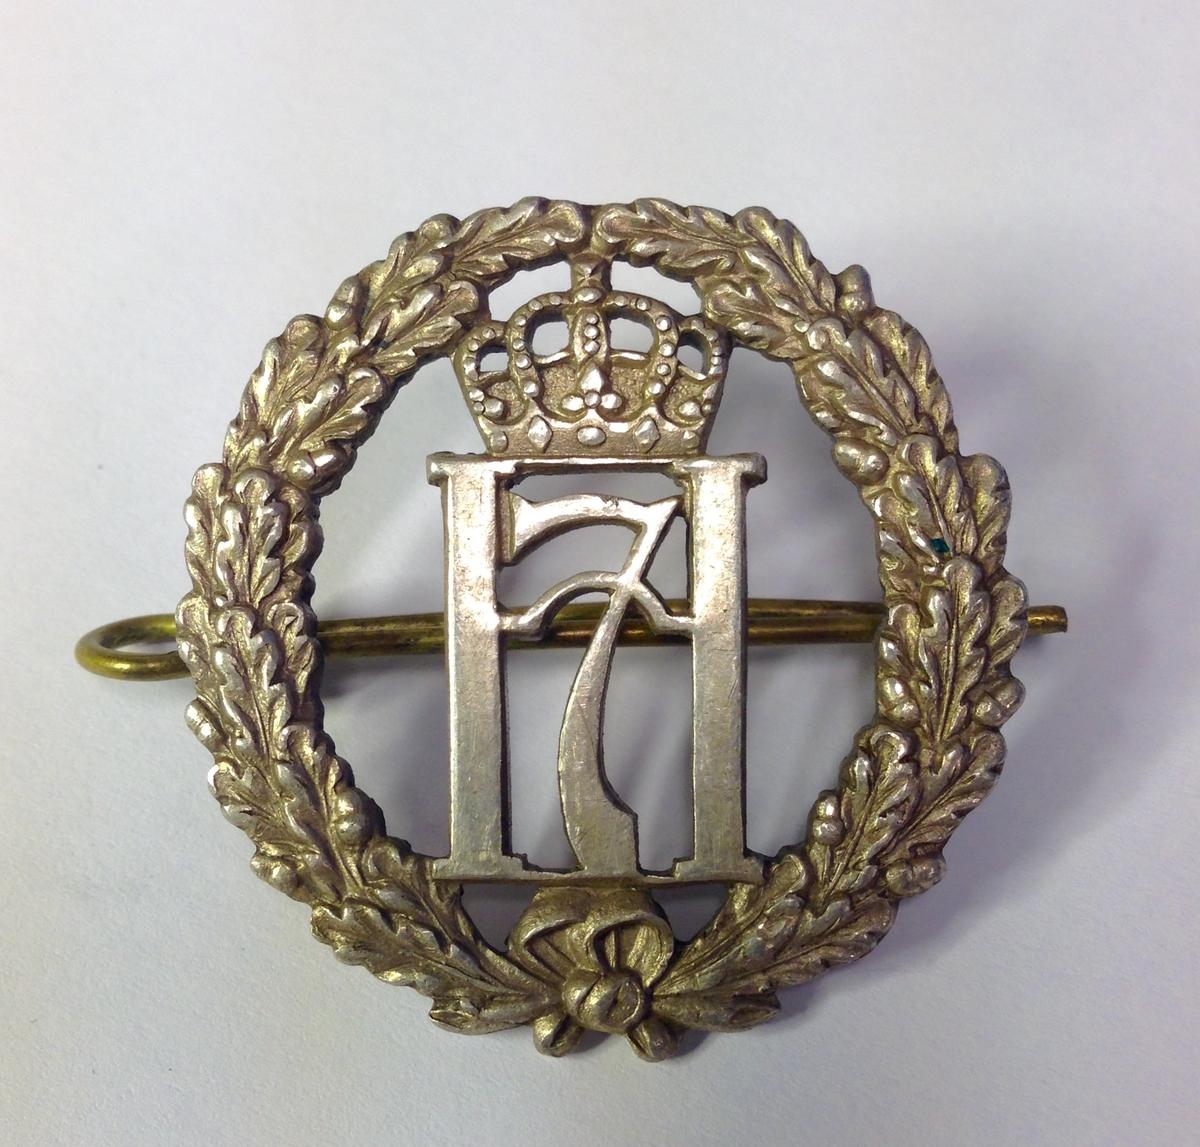 Luemerke i sølvfarget metall. Eikeløvskrans med kong Håkon VIIs merke (H7)